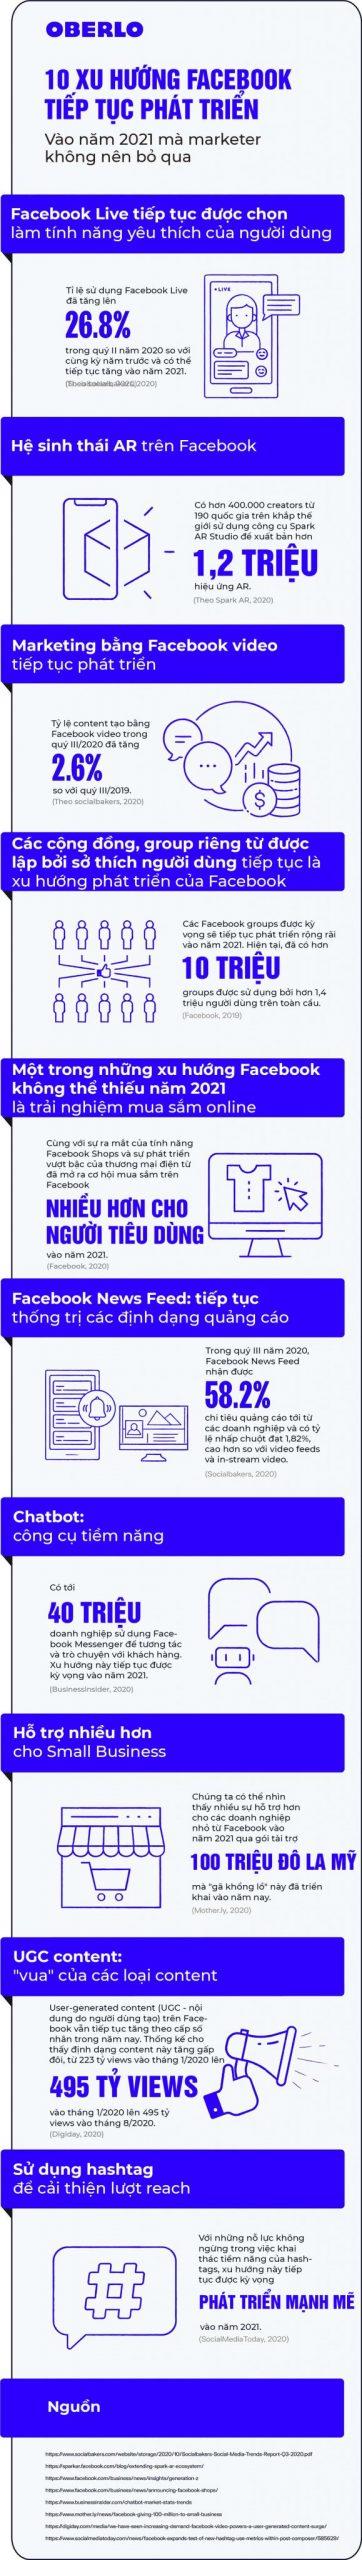 10 xu hướng Facebook tiếp tục phát triển vào năm 2021 mà Marketer không nên bỏ qua